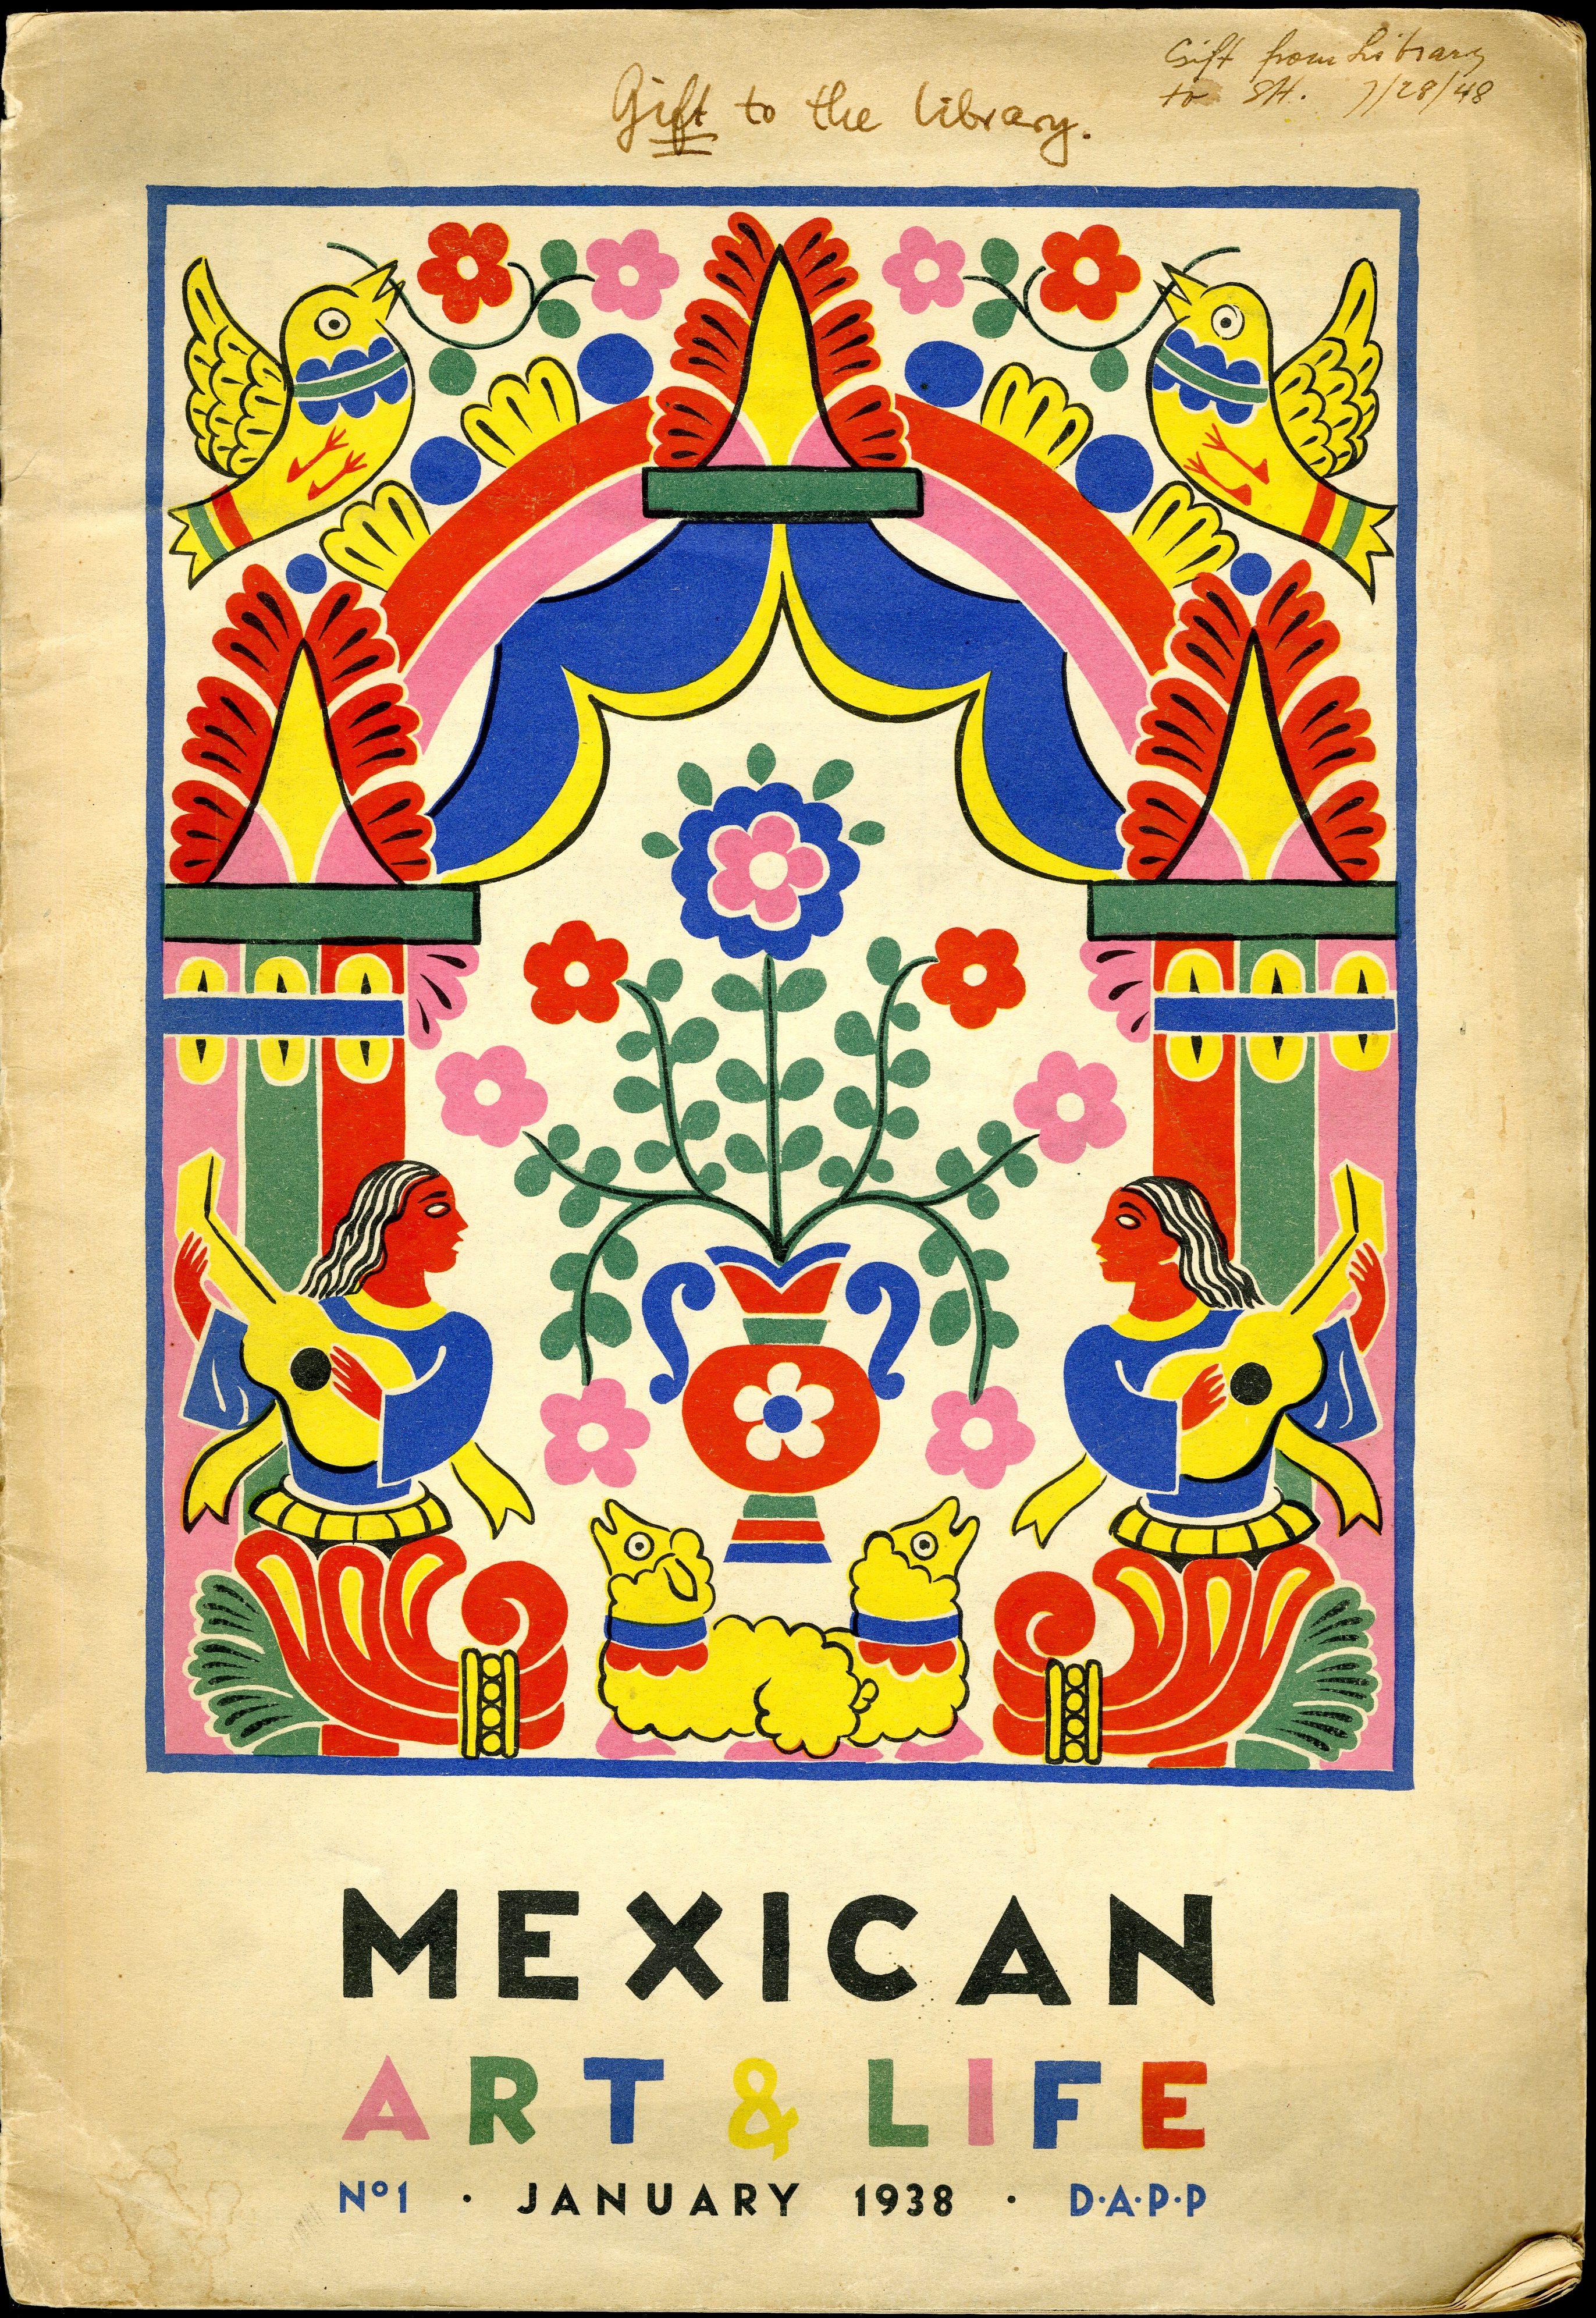 Mexican Art U0026 Life No. 1 (Jan. 1938). UTSA Libraries Special